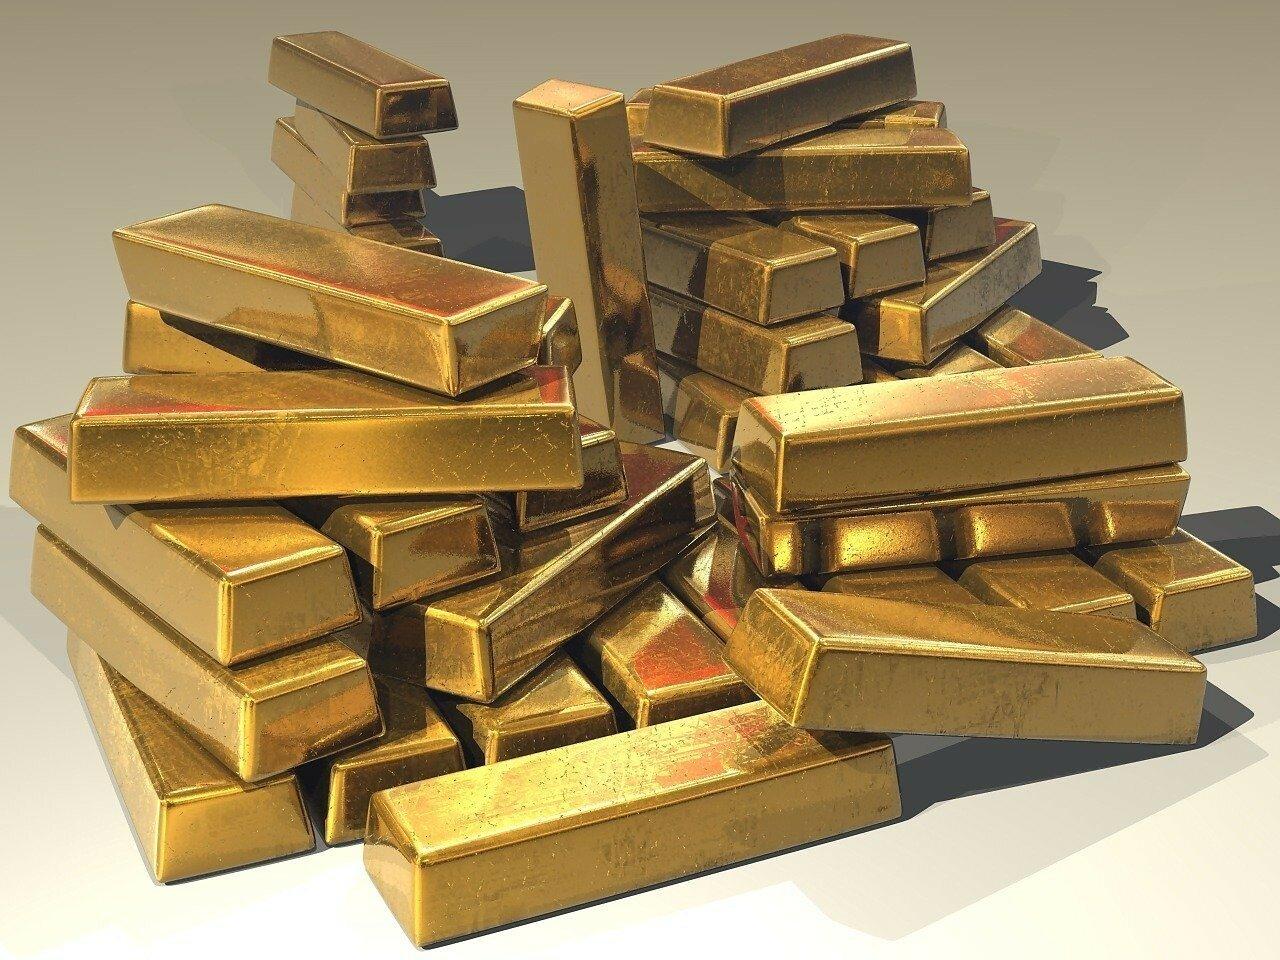 Рынок золота отреагировал на ослабление доллара: актуальные цены